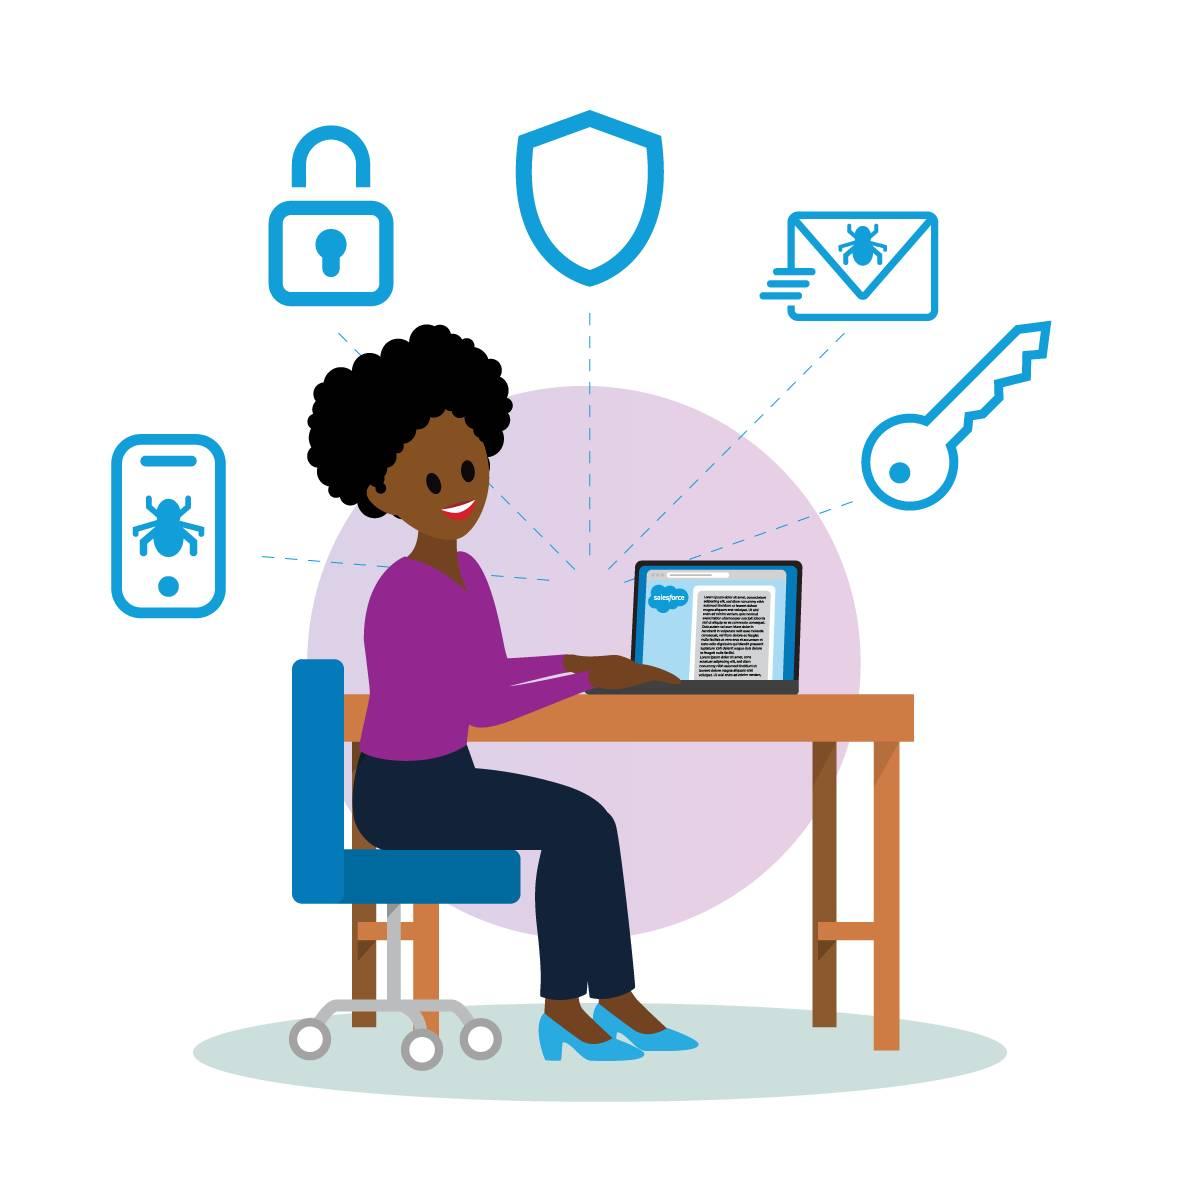 ラップトップに向かう女性の周りにセキュリティやバグのアイコンが示されています。